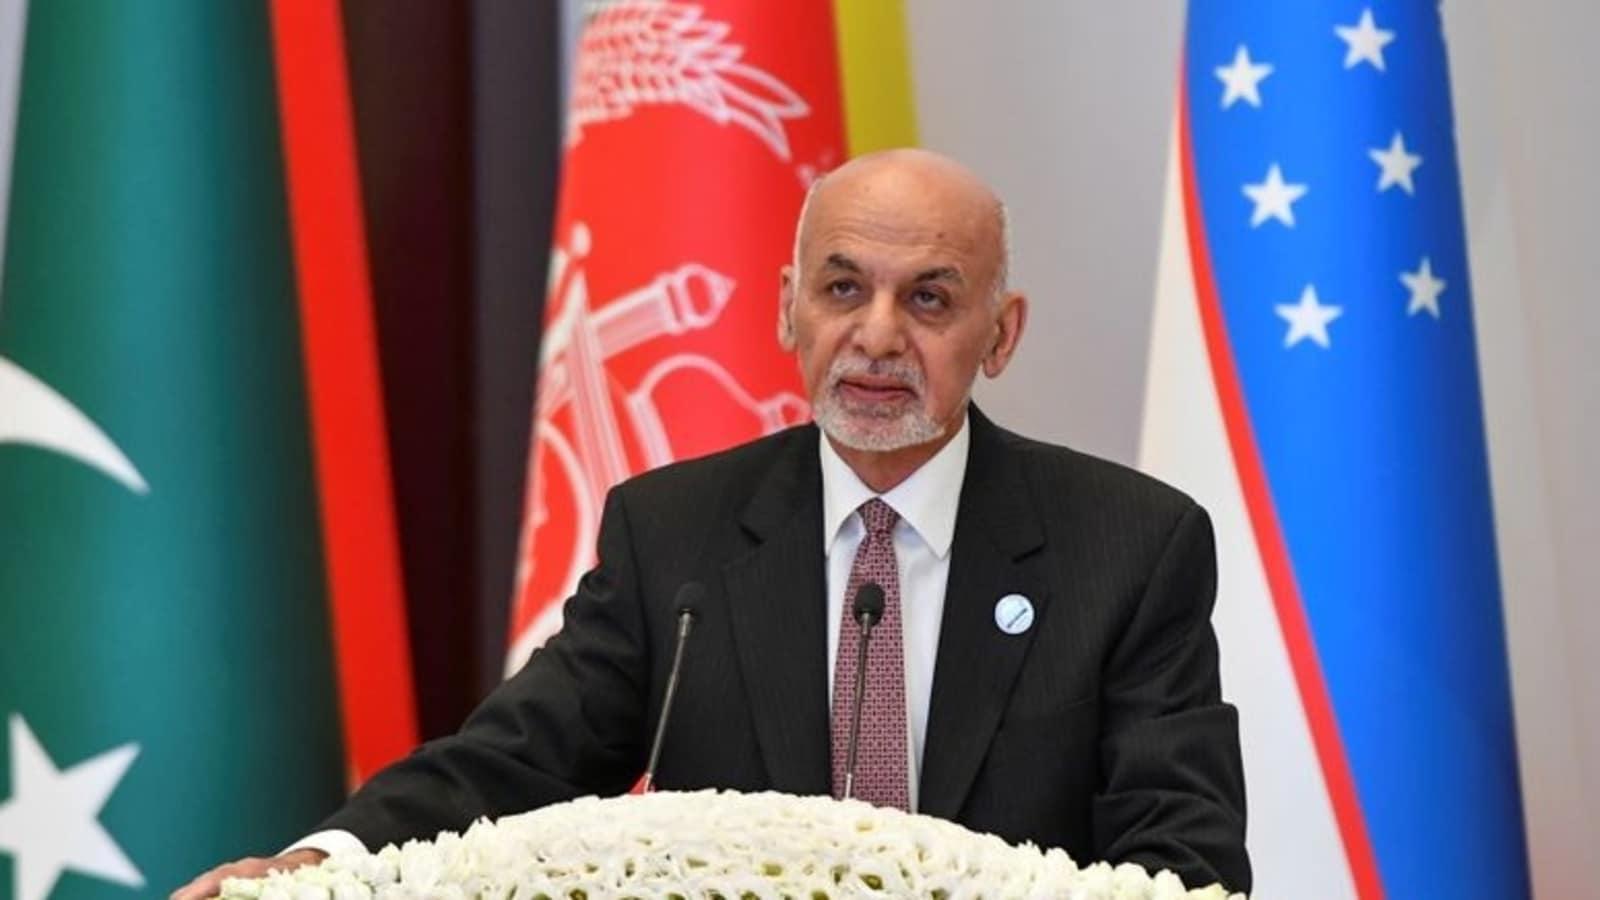 أشرف غني وصل سلطنة عمان بعد هروبه واقتحام طالبان قصر الحكم بكابل